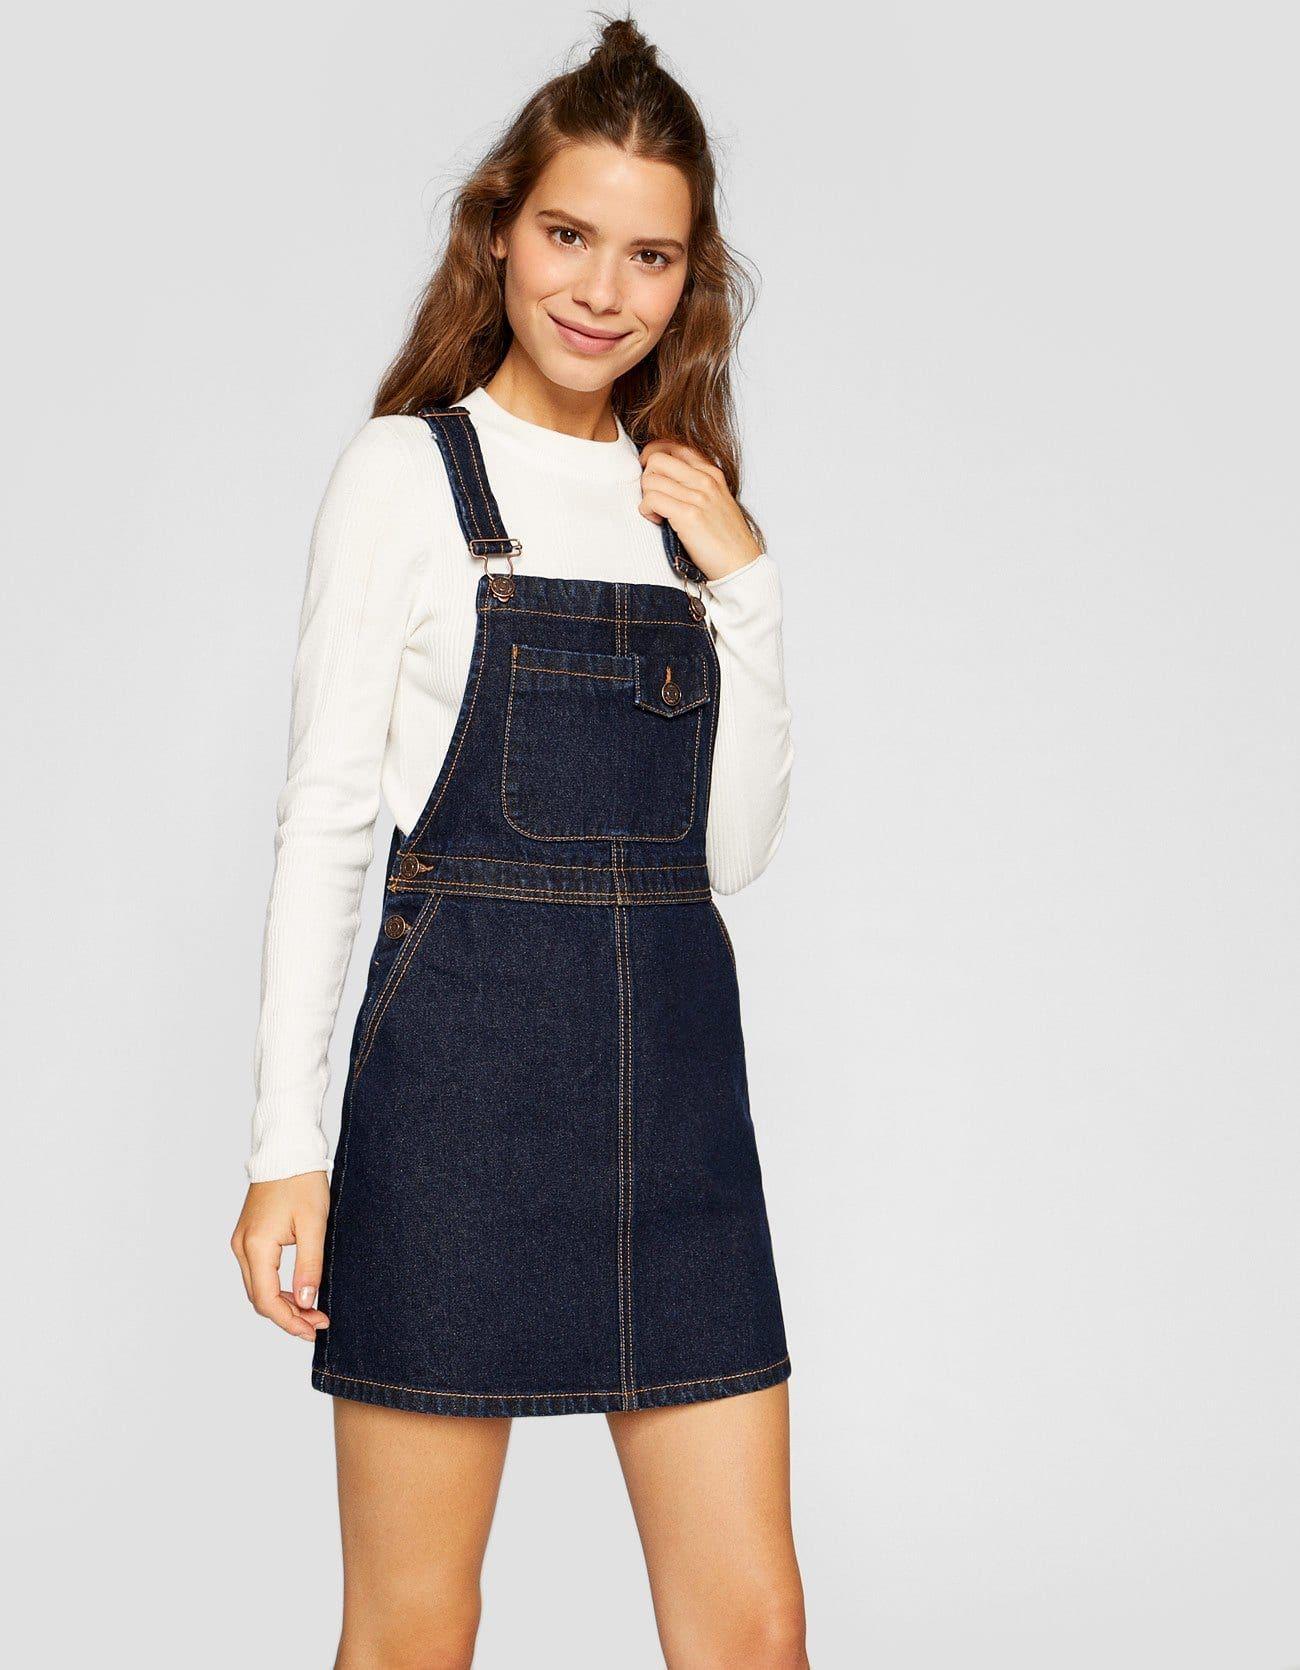 509540bb Krótka jeansowa sukienka ogrodniczka na szelkach vintage w 2019 ...